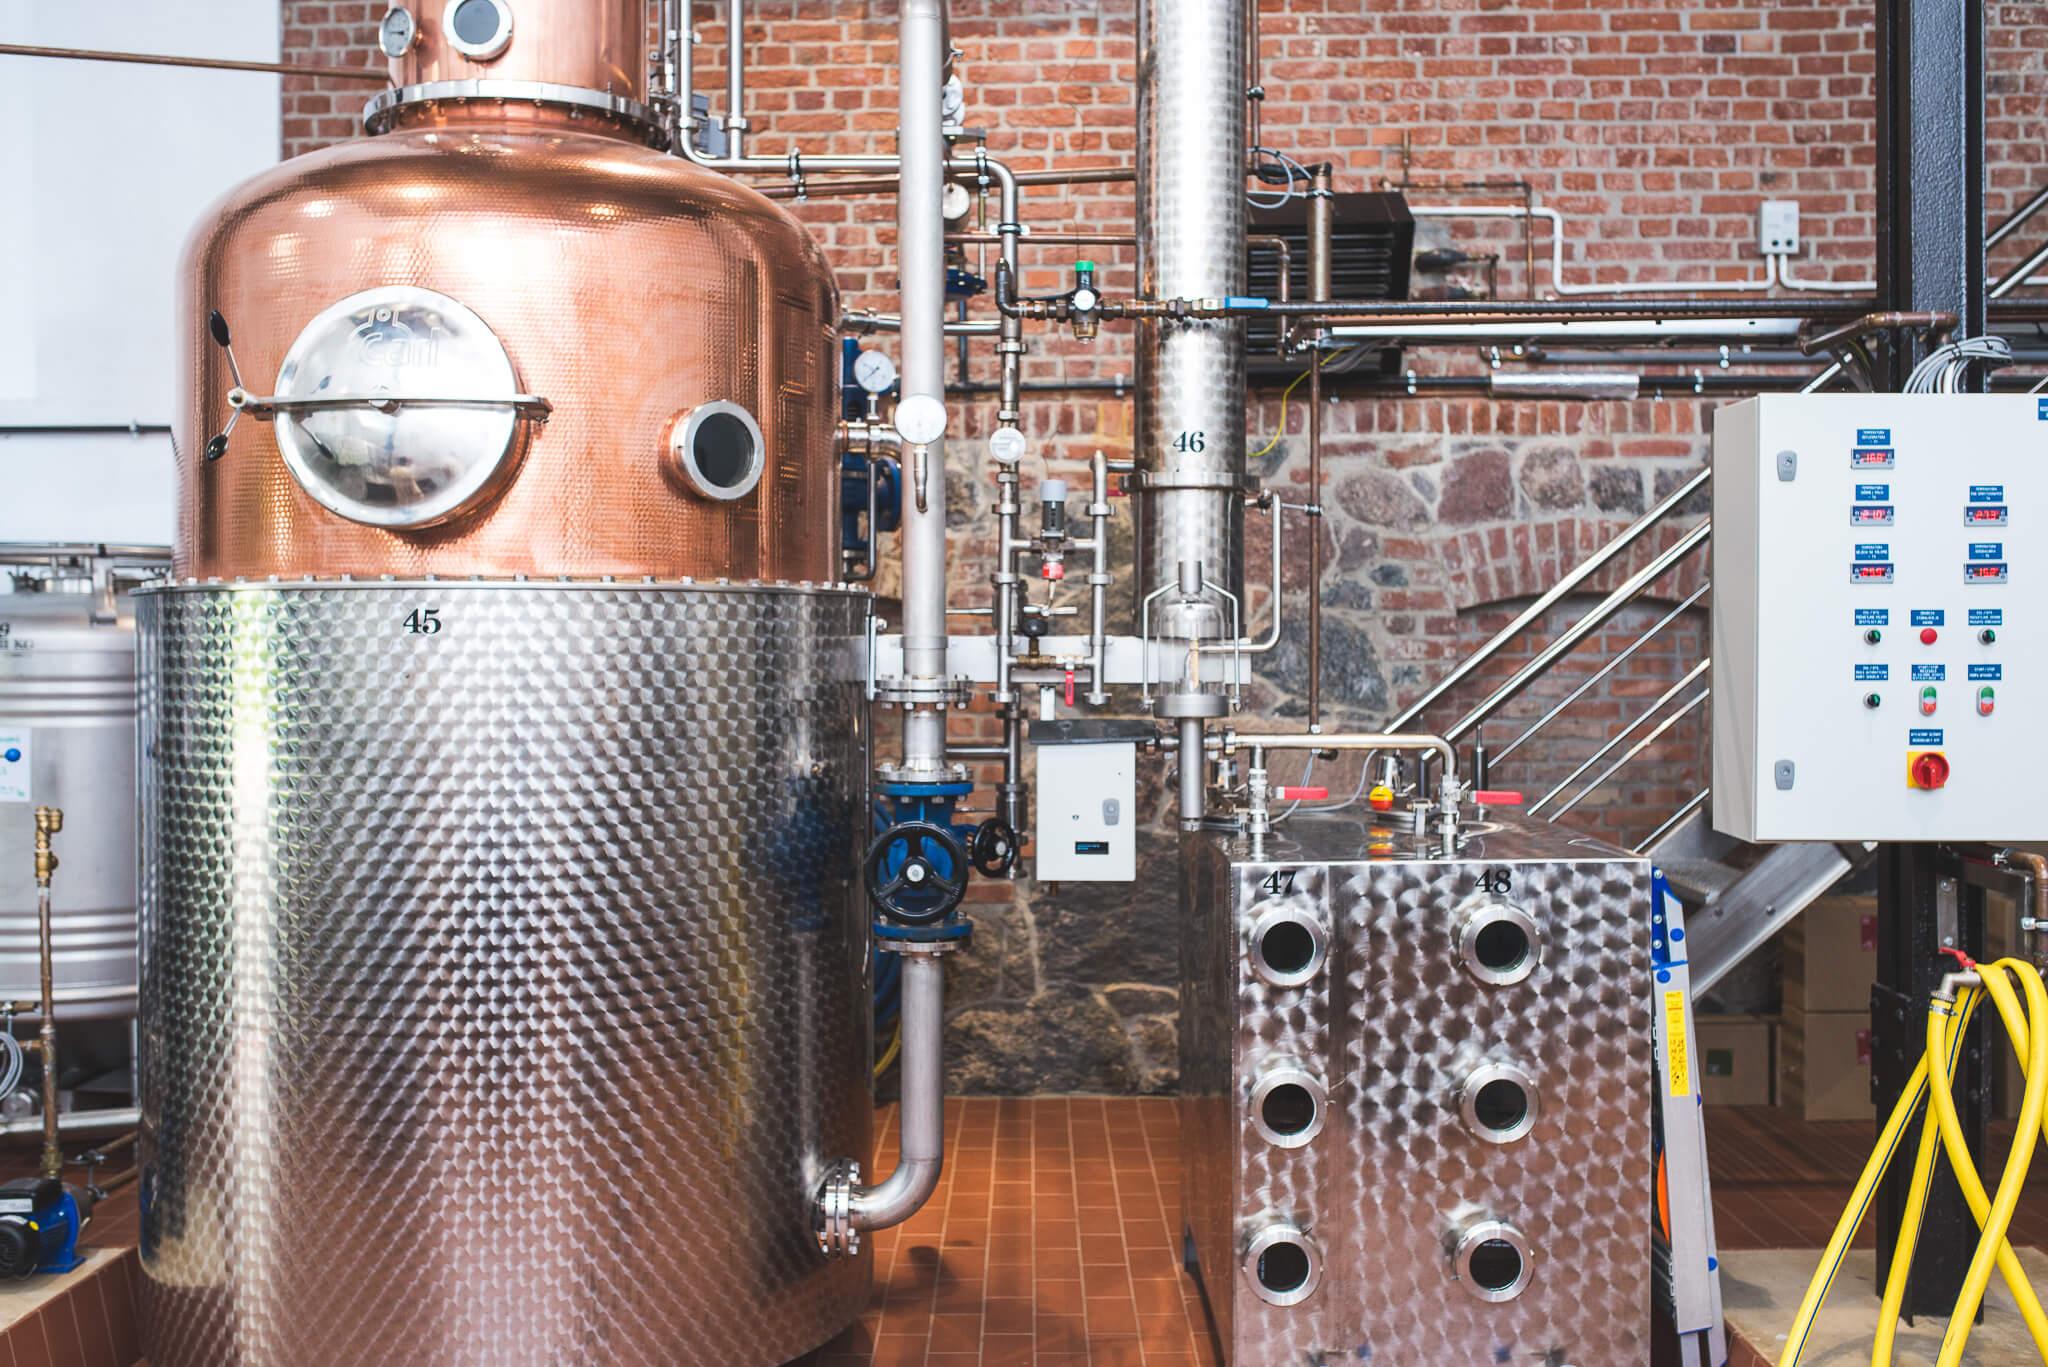 Gorzelnia Podole Wielkie 23 1 - Podole Wielkie. A distillery found on tradition